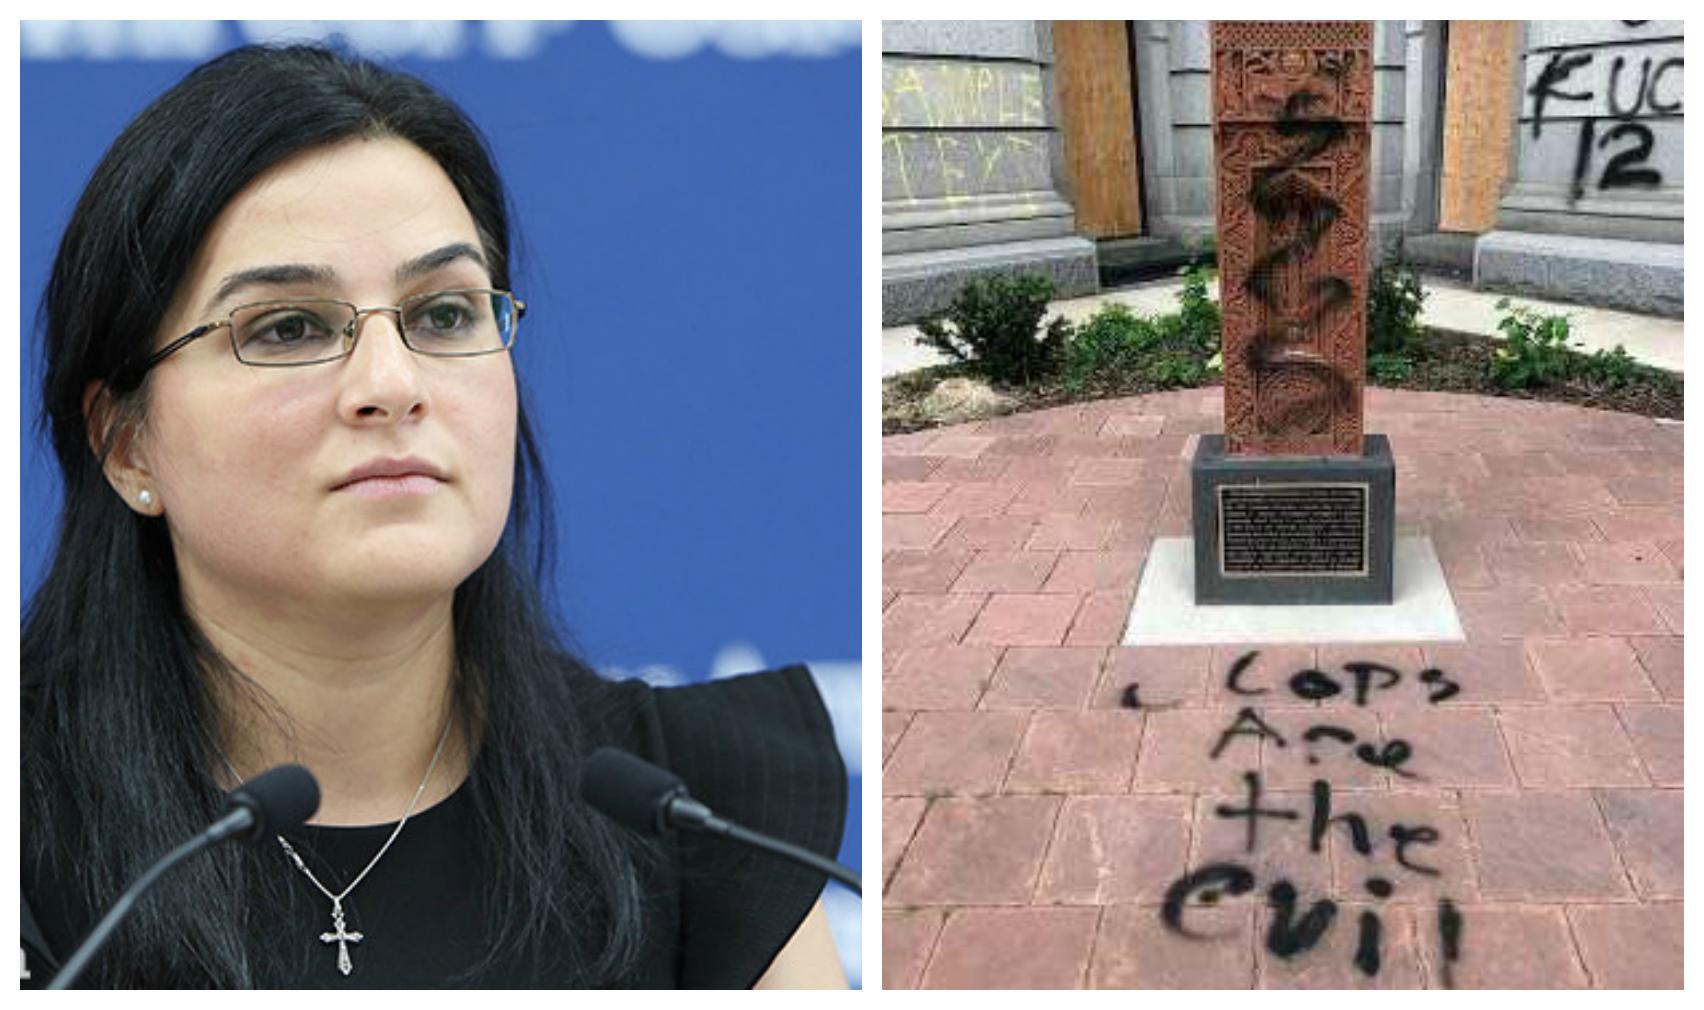 Ե՞րբ առաջվա տեսքը կստանա ԱՄՆ-ում պղծված  հայկական խաչքարը. ԱԳՆ խոսնակը պարզաբանում է